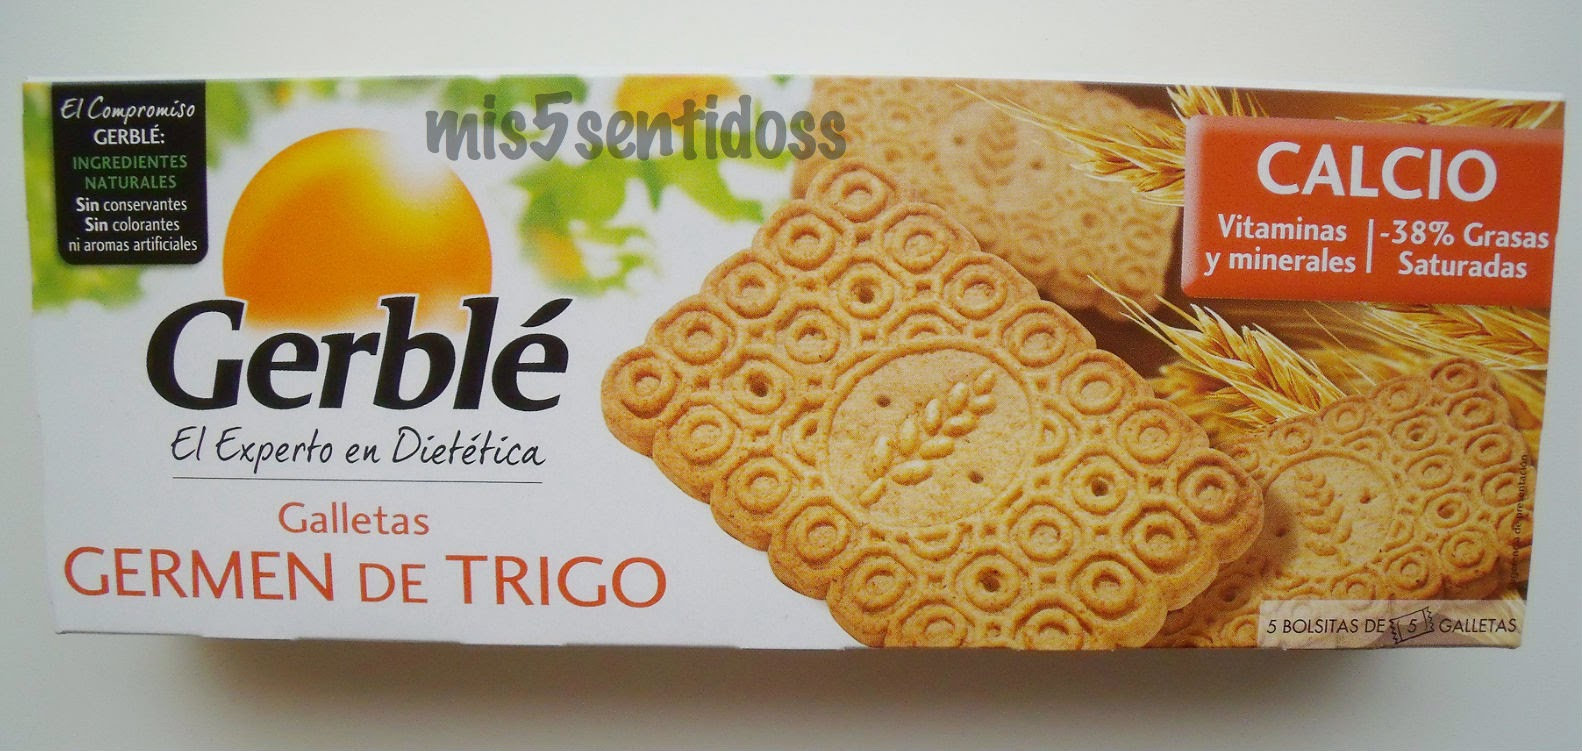 Gerblé galletas de germen de trigo